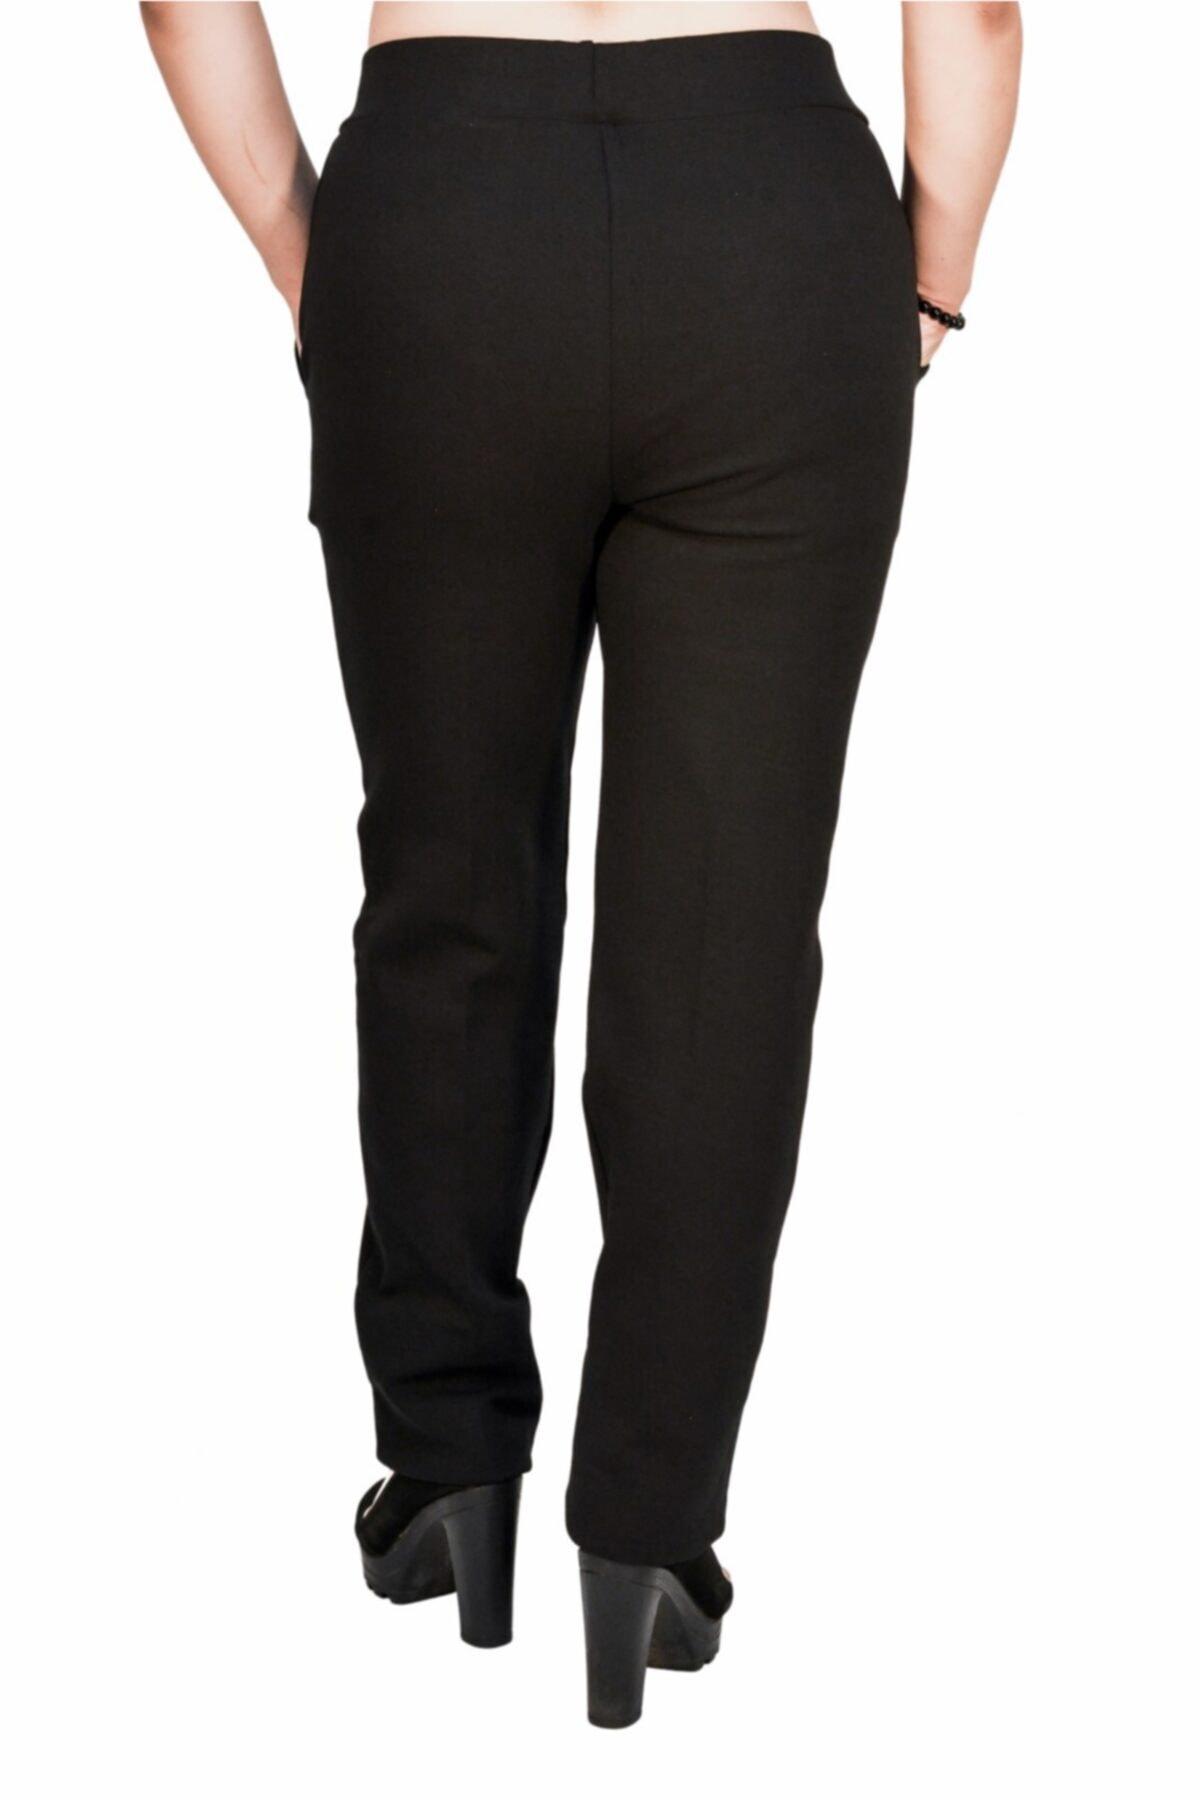 Otto Kadın Siyah Kalem Pantalon 2